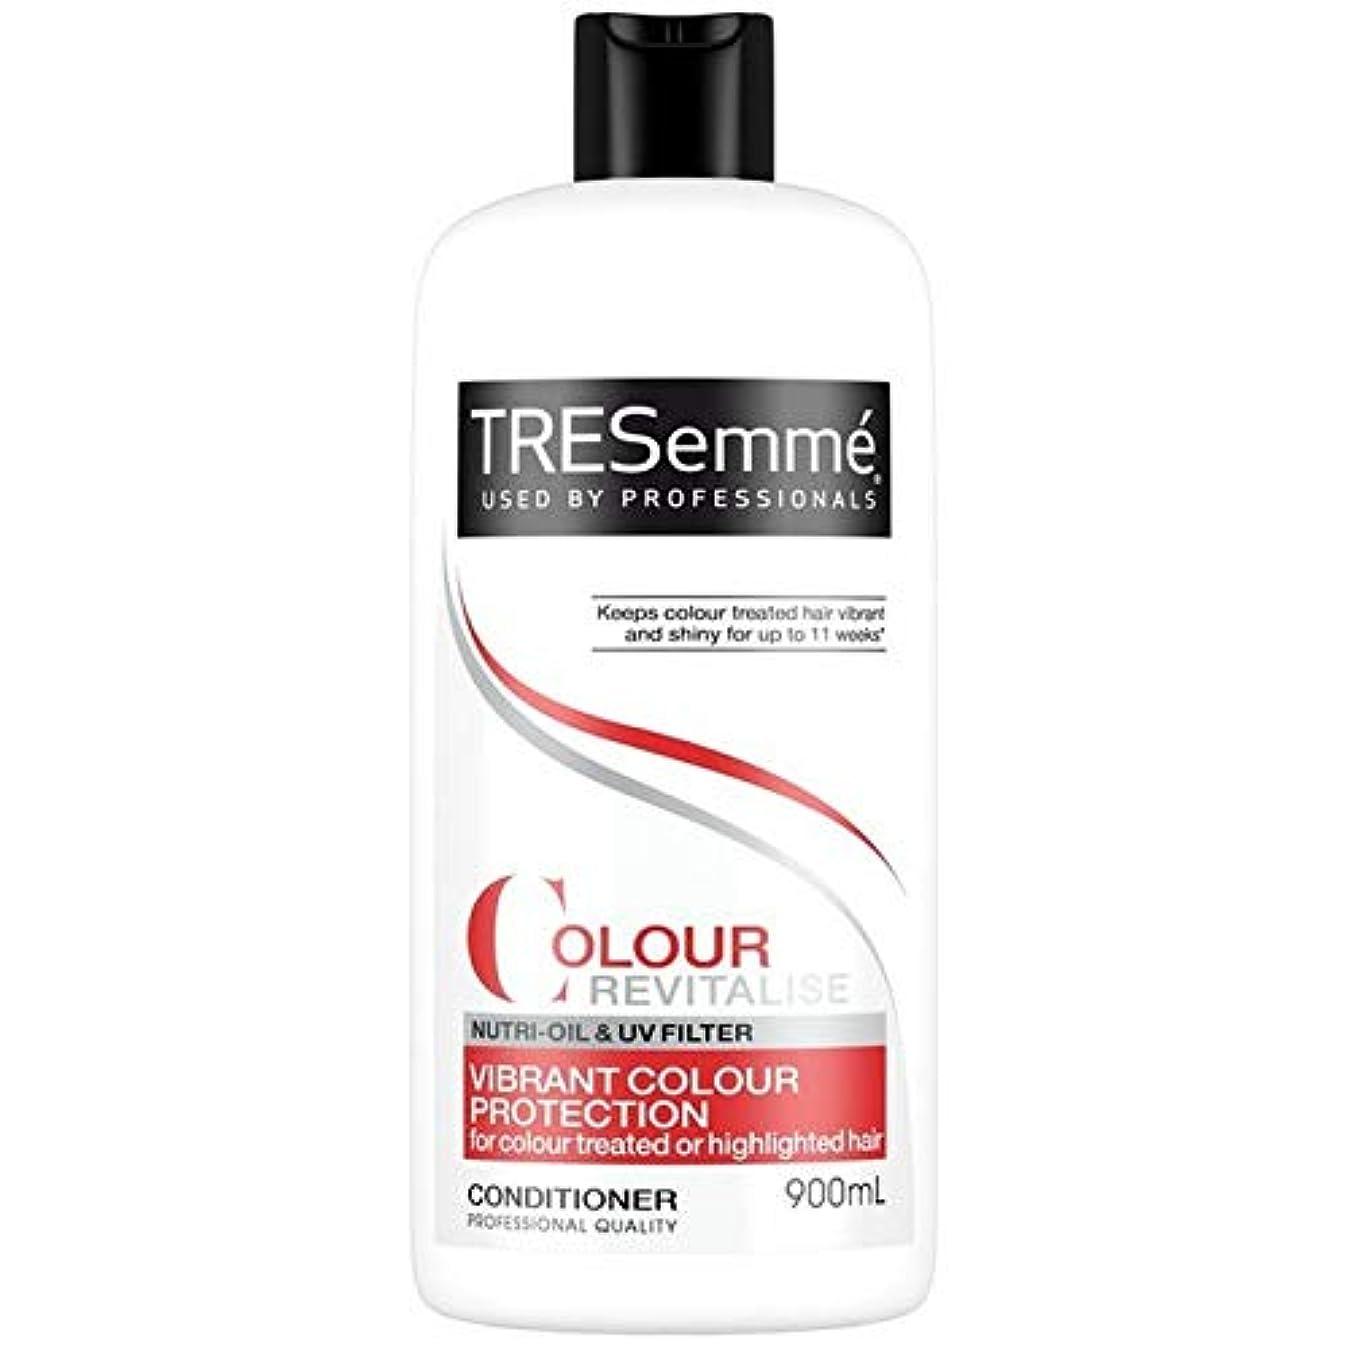 自動的に驚いたことに最大化する[Tresemme] Tresemme色はカラーフェード保護コンディショナー900ミリリットルを活性化 - TRESemme Colour Revitalise Colour Fade Protection Conditioner...